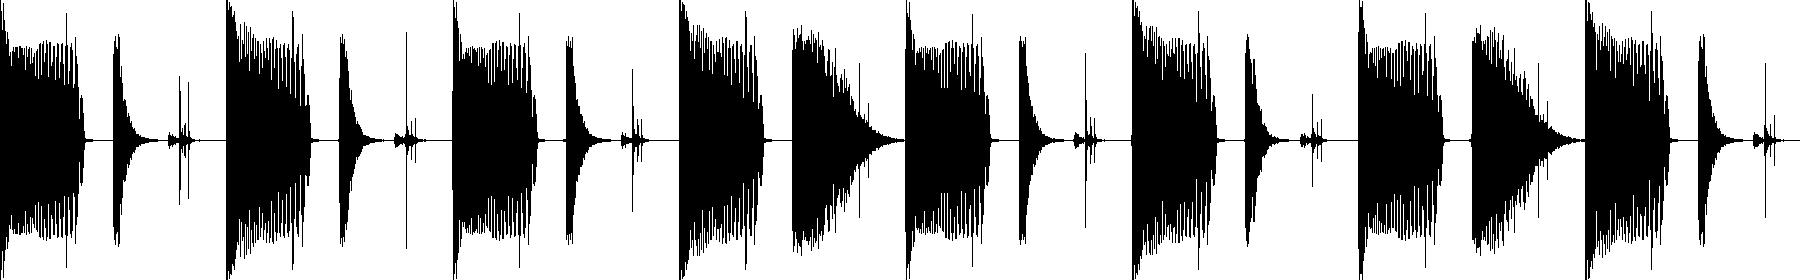 ehp drloop 127 bitmechanic